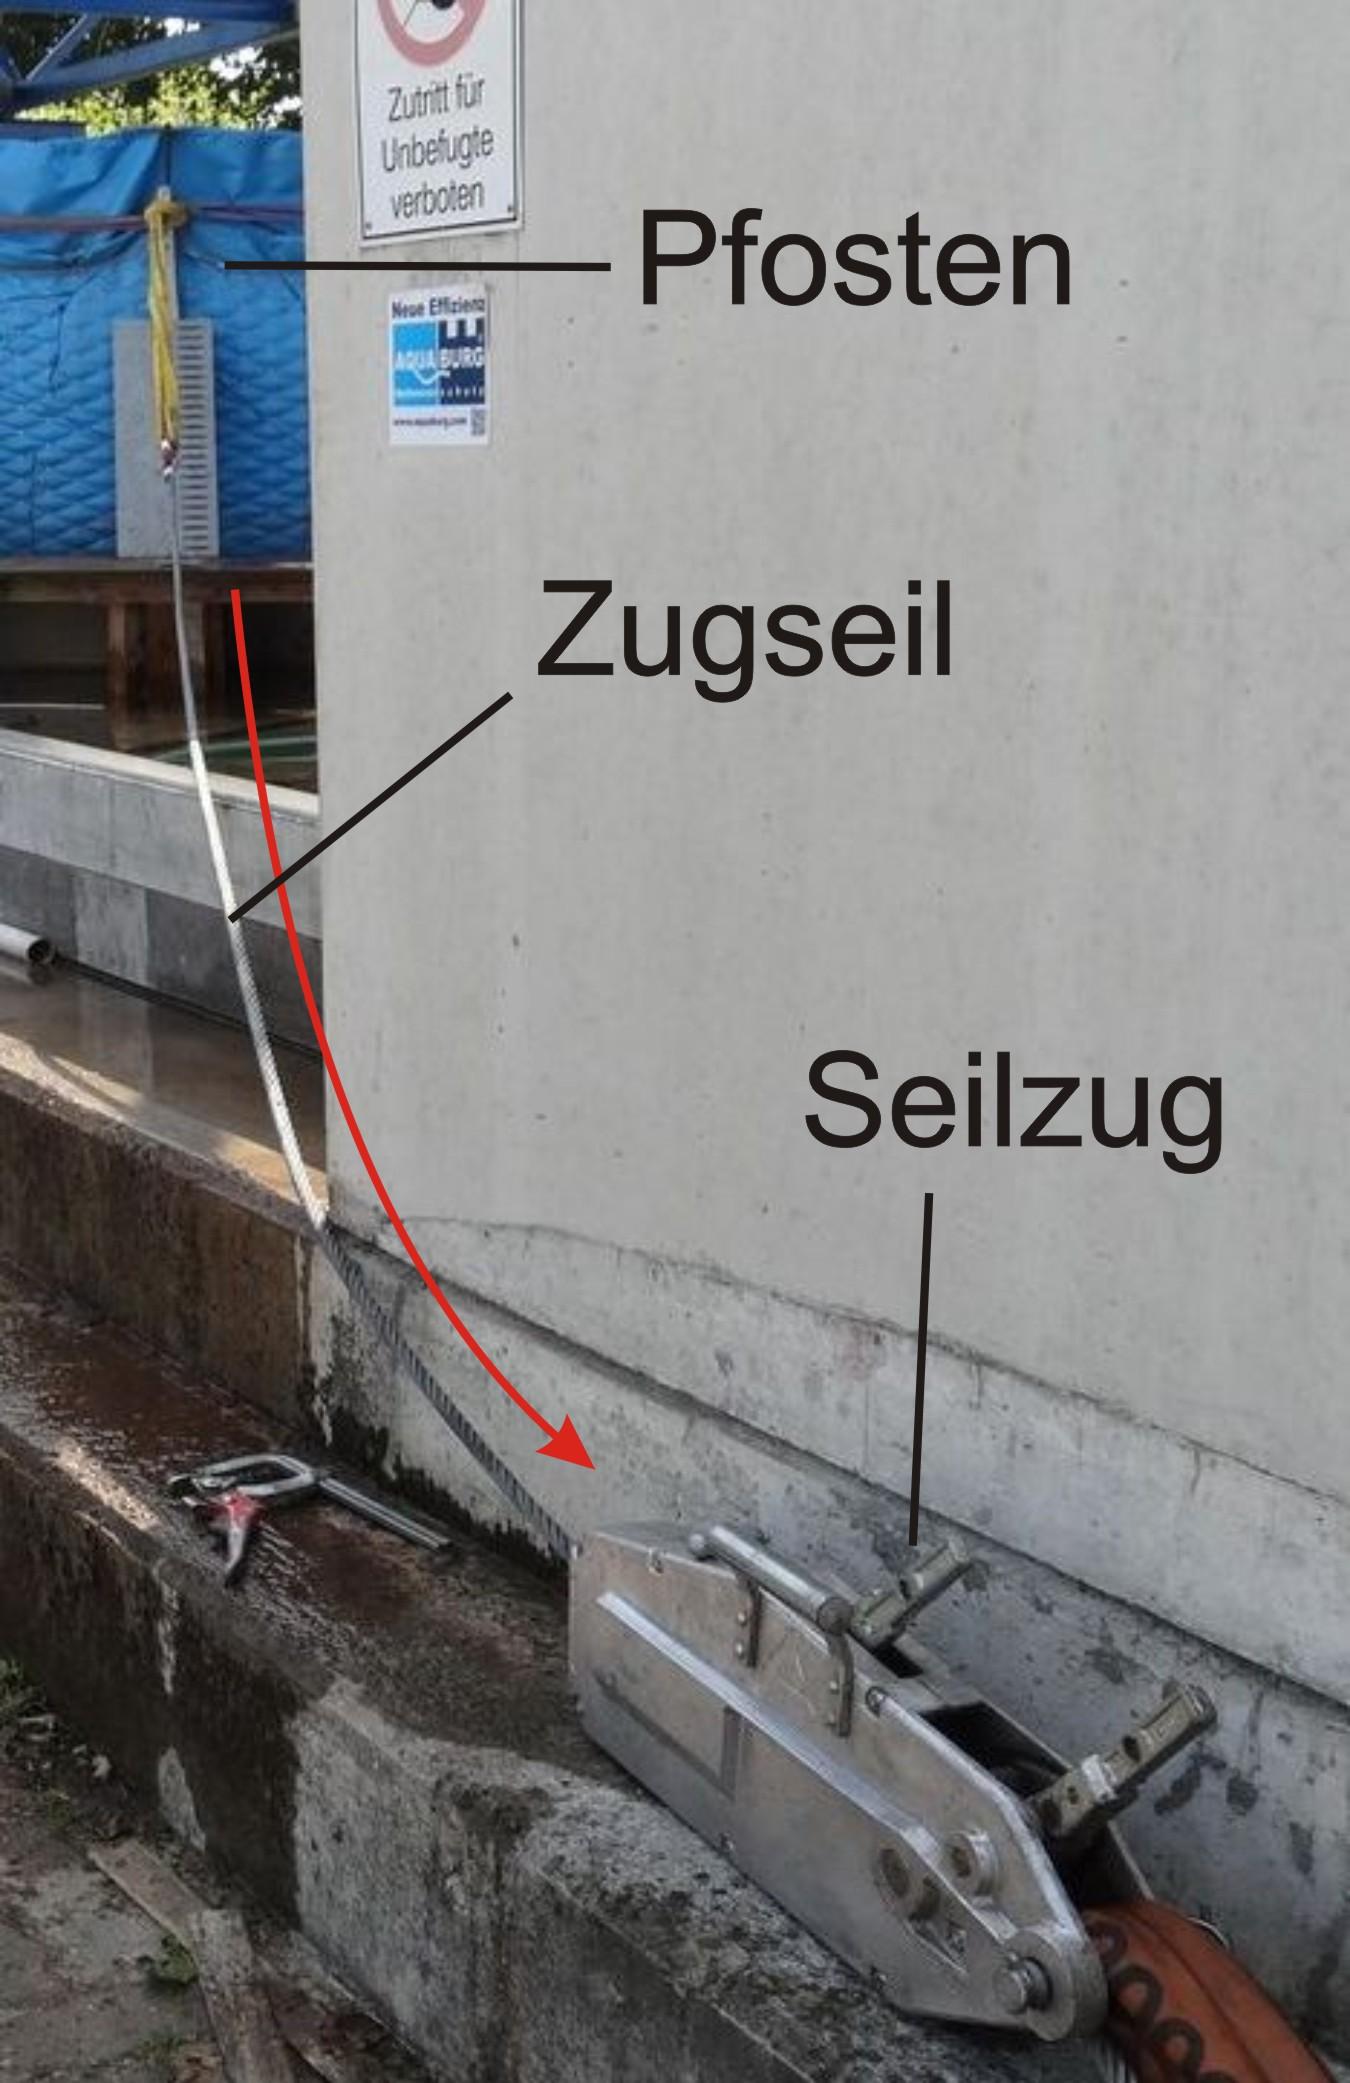 aquaburg-aktuelles-extremtest-extrembelastung-pfosten-mit-Zugseil